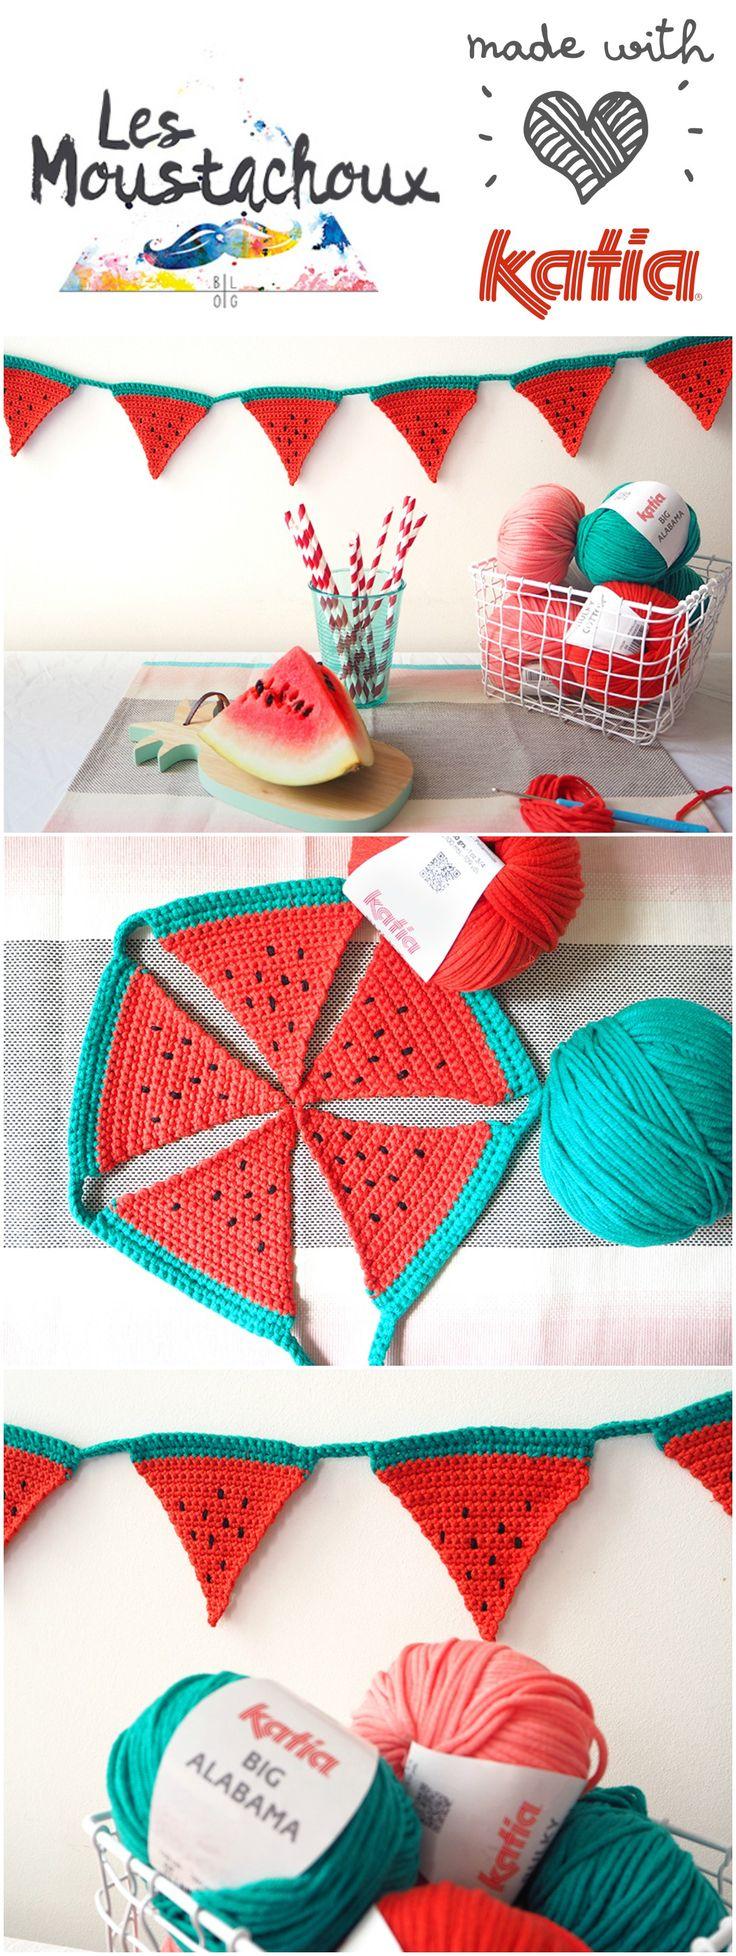 Craft Lovers ♥ Guirnalda de sandías a ganchillo por Les Moustachoux con Bulky Cotton y Big Alabama | http://www.katia.com/blog/es/craftlovers-guirnalda-sandias-a-ganchillo-les-moustachoux/